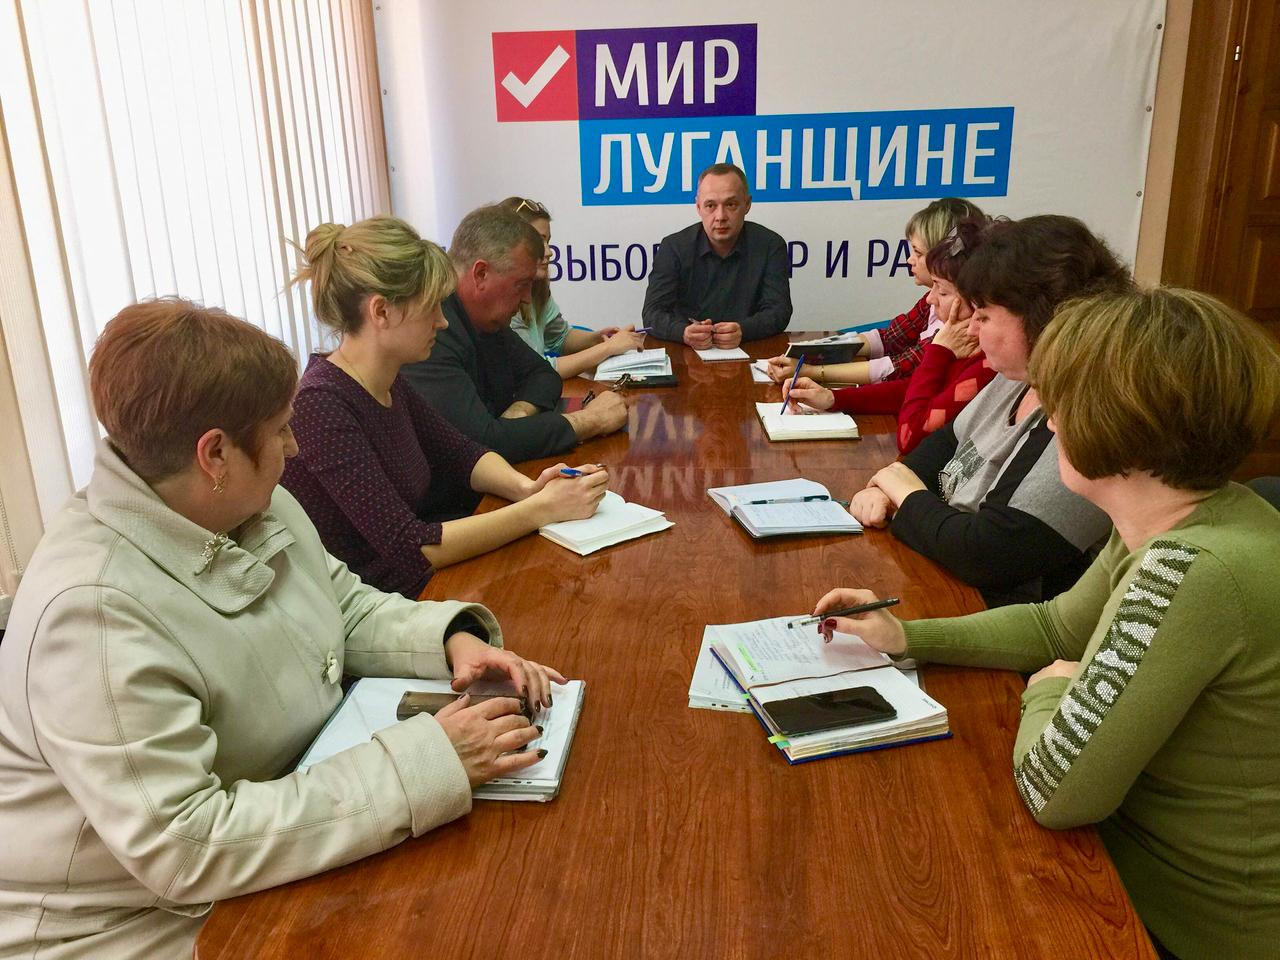 Встреча с активом ОД «Мир Луганщине» состоялась в Лутугино